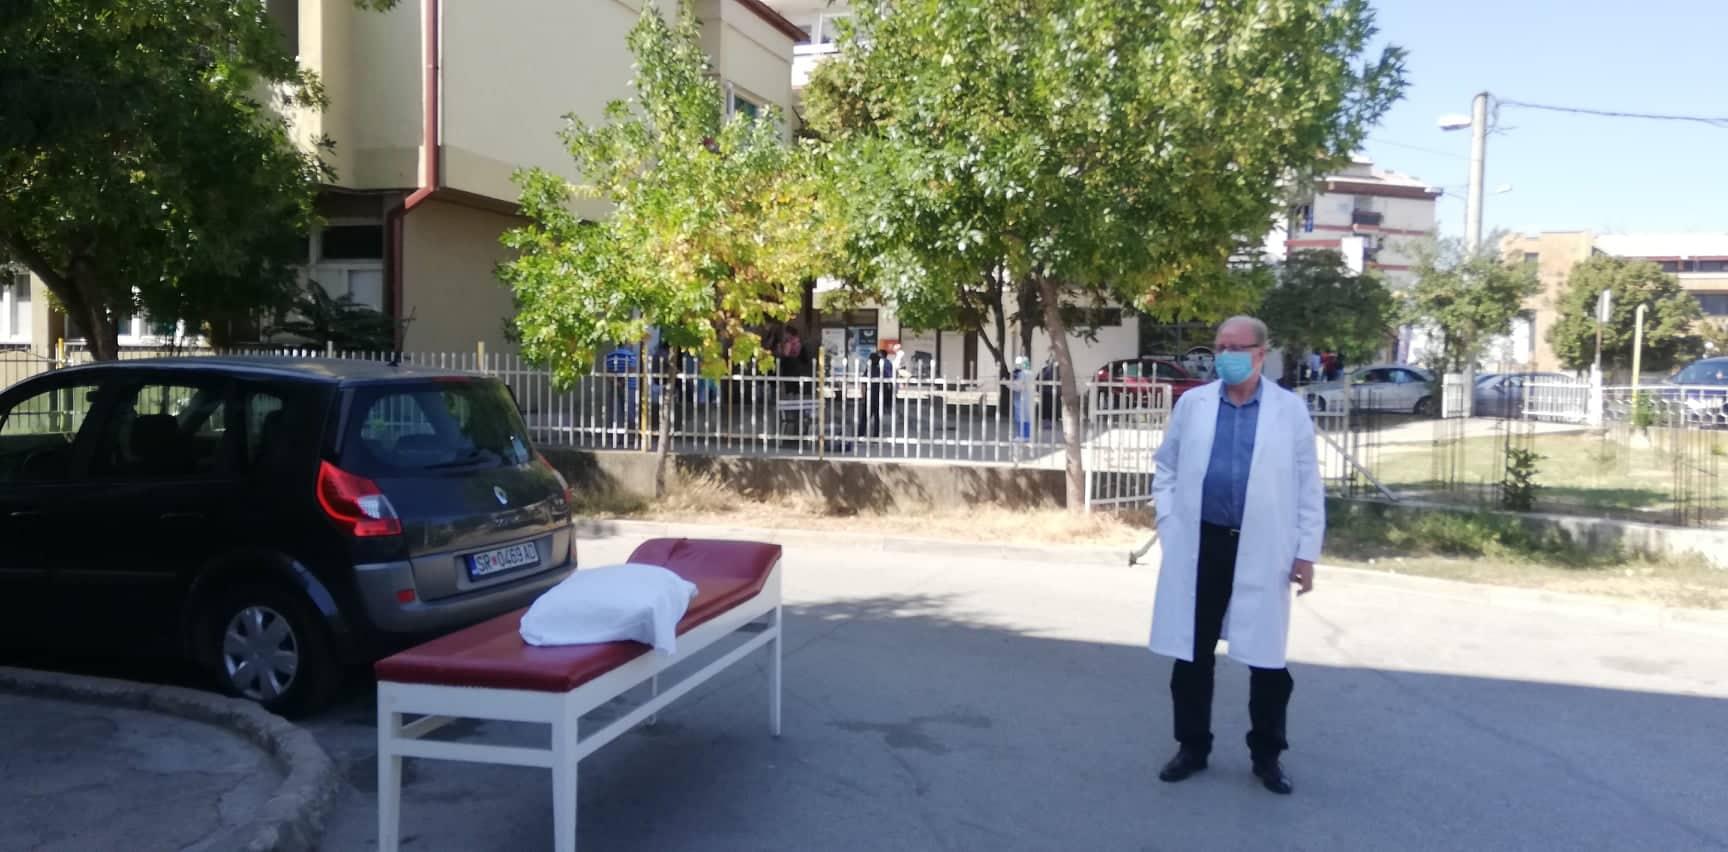 Драма на инфективно во Струмица – насилнички украле починат пациент со се кревет а надвор ги чекало комбе